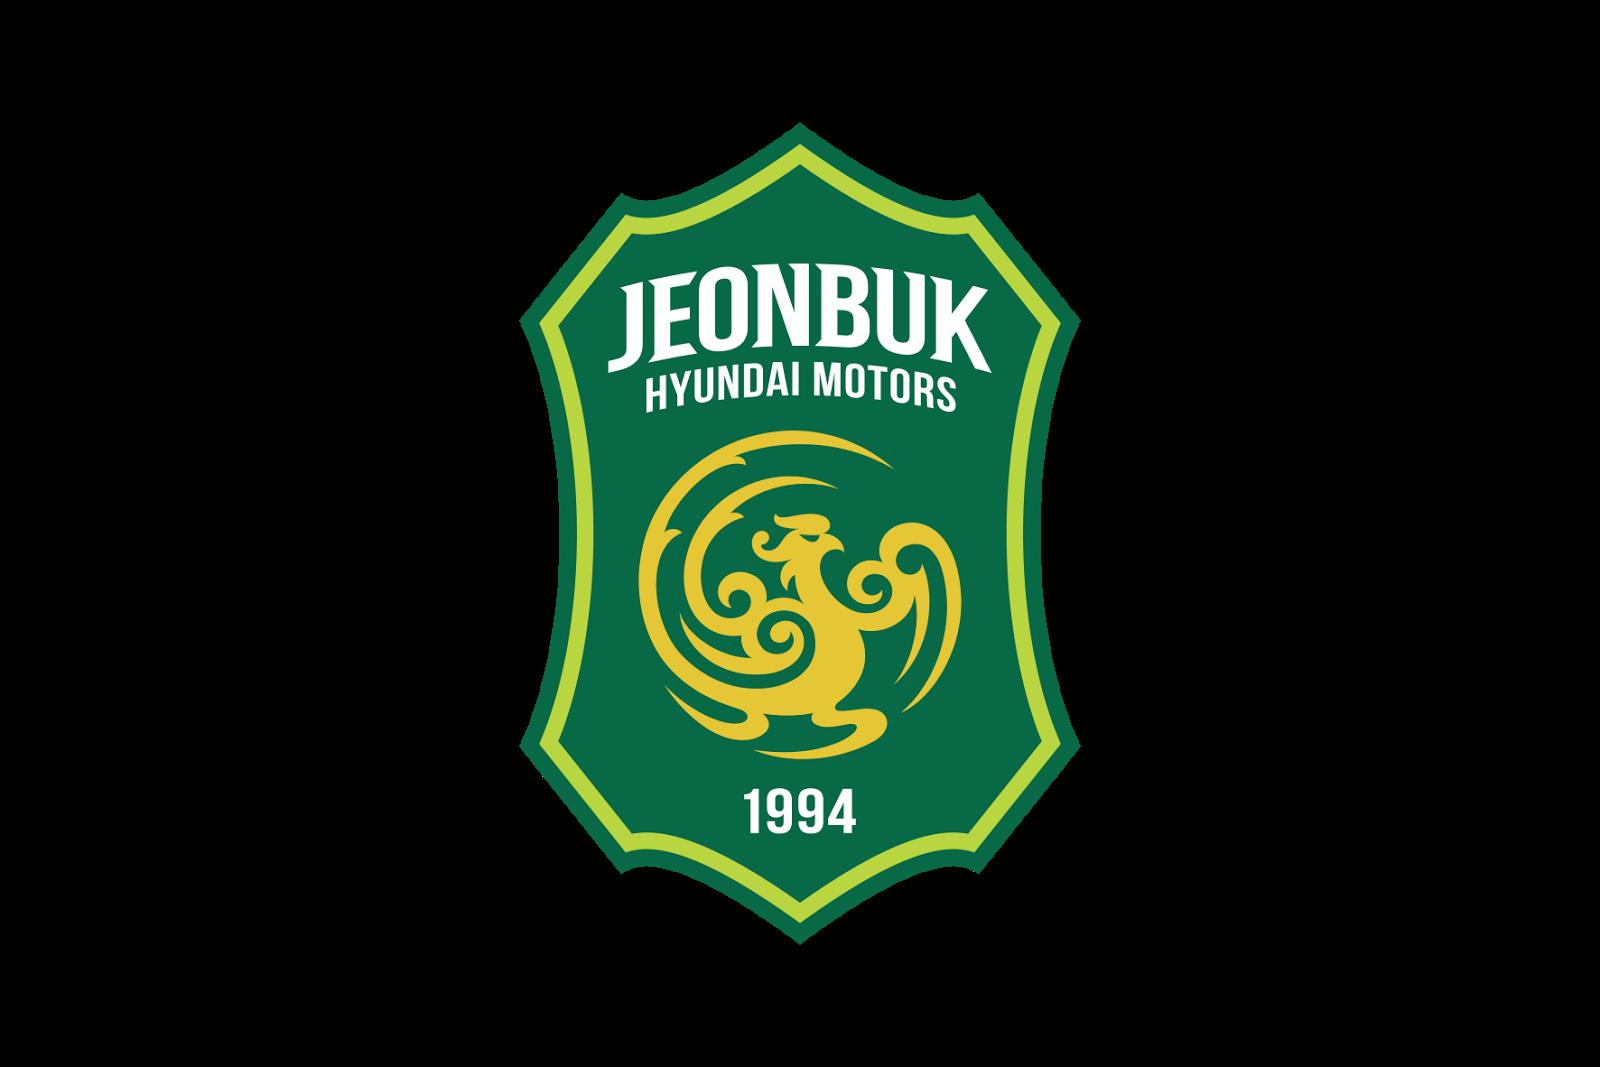 jeonbuk hyundai